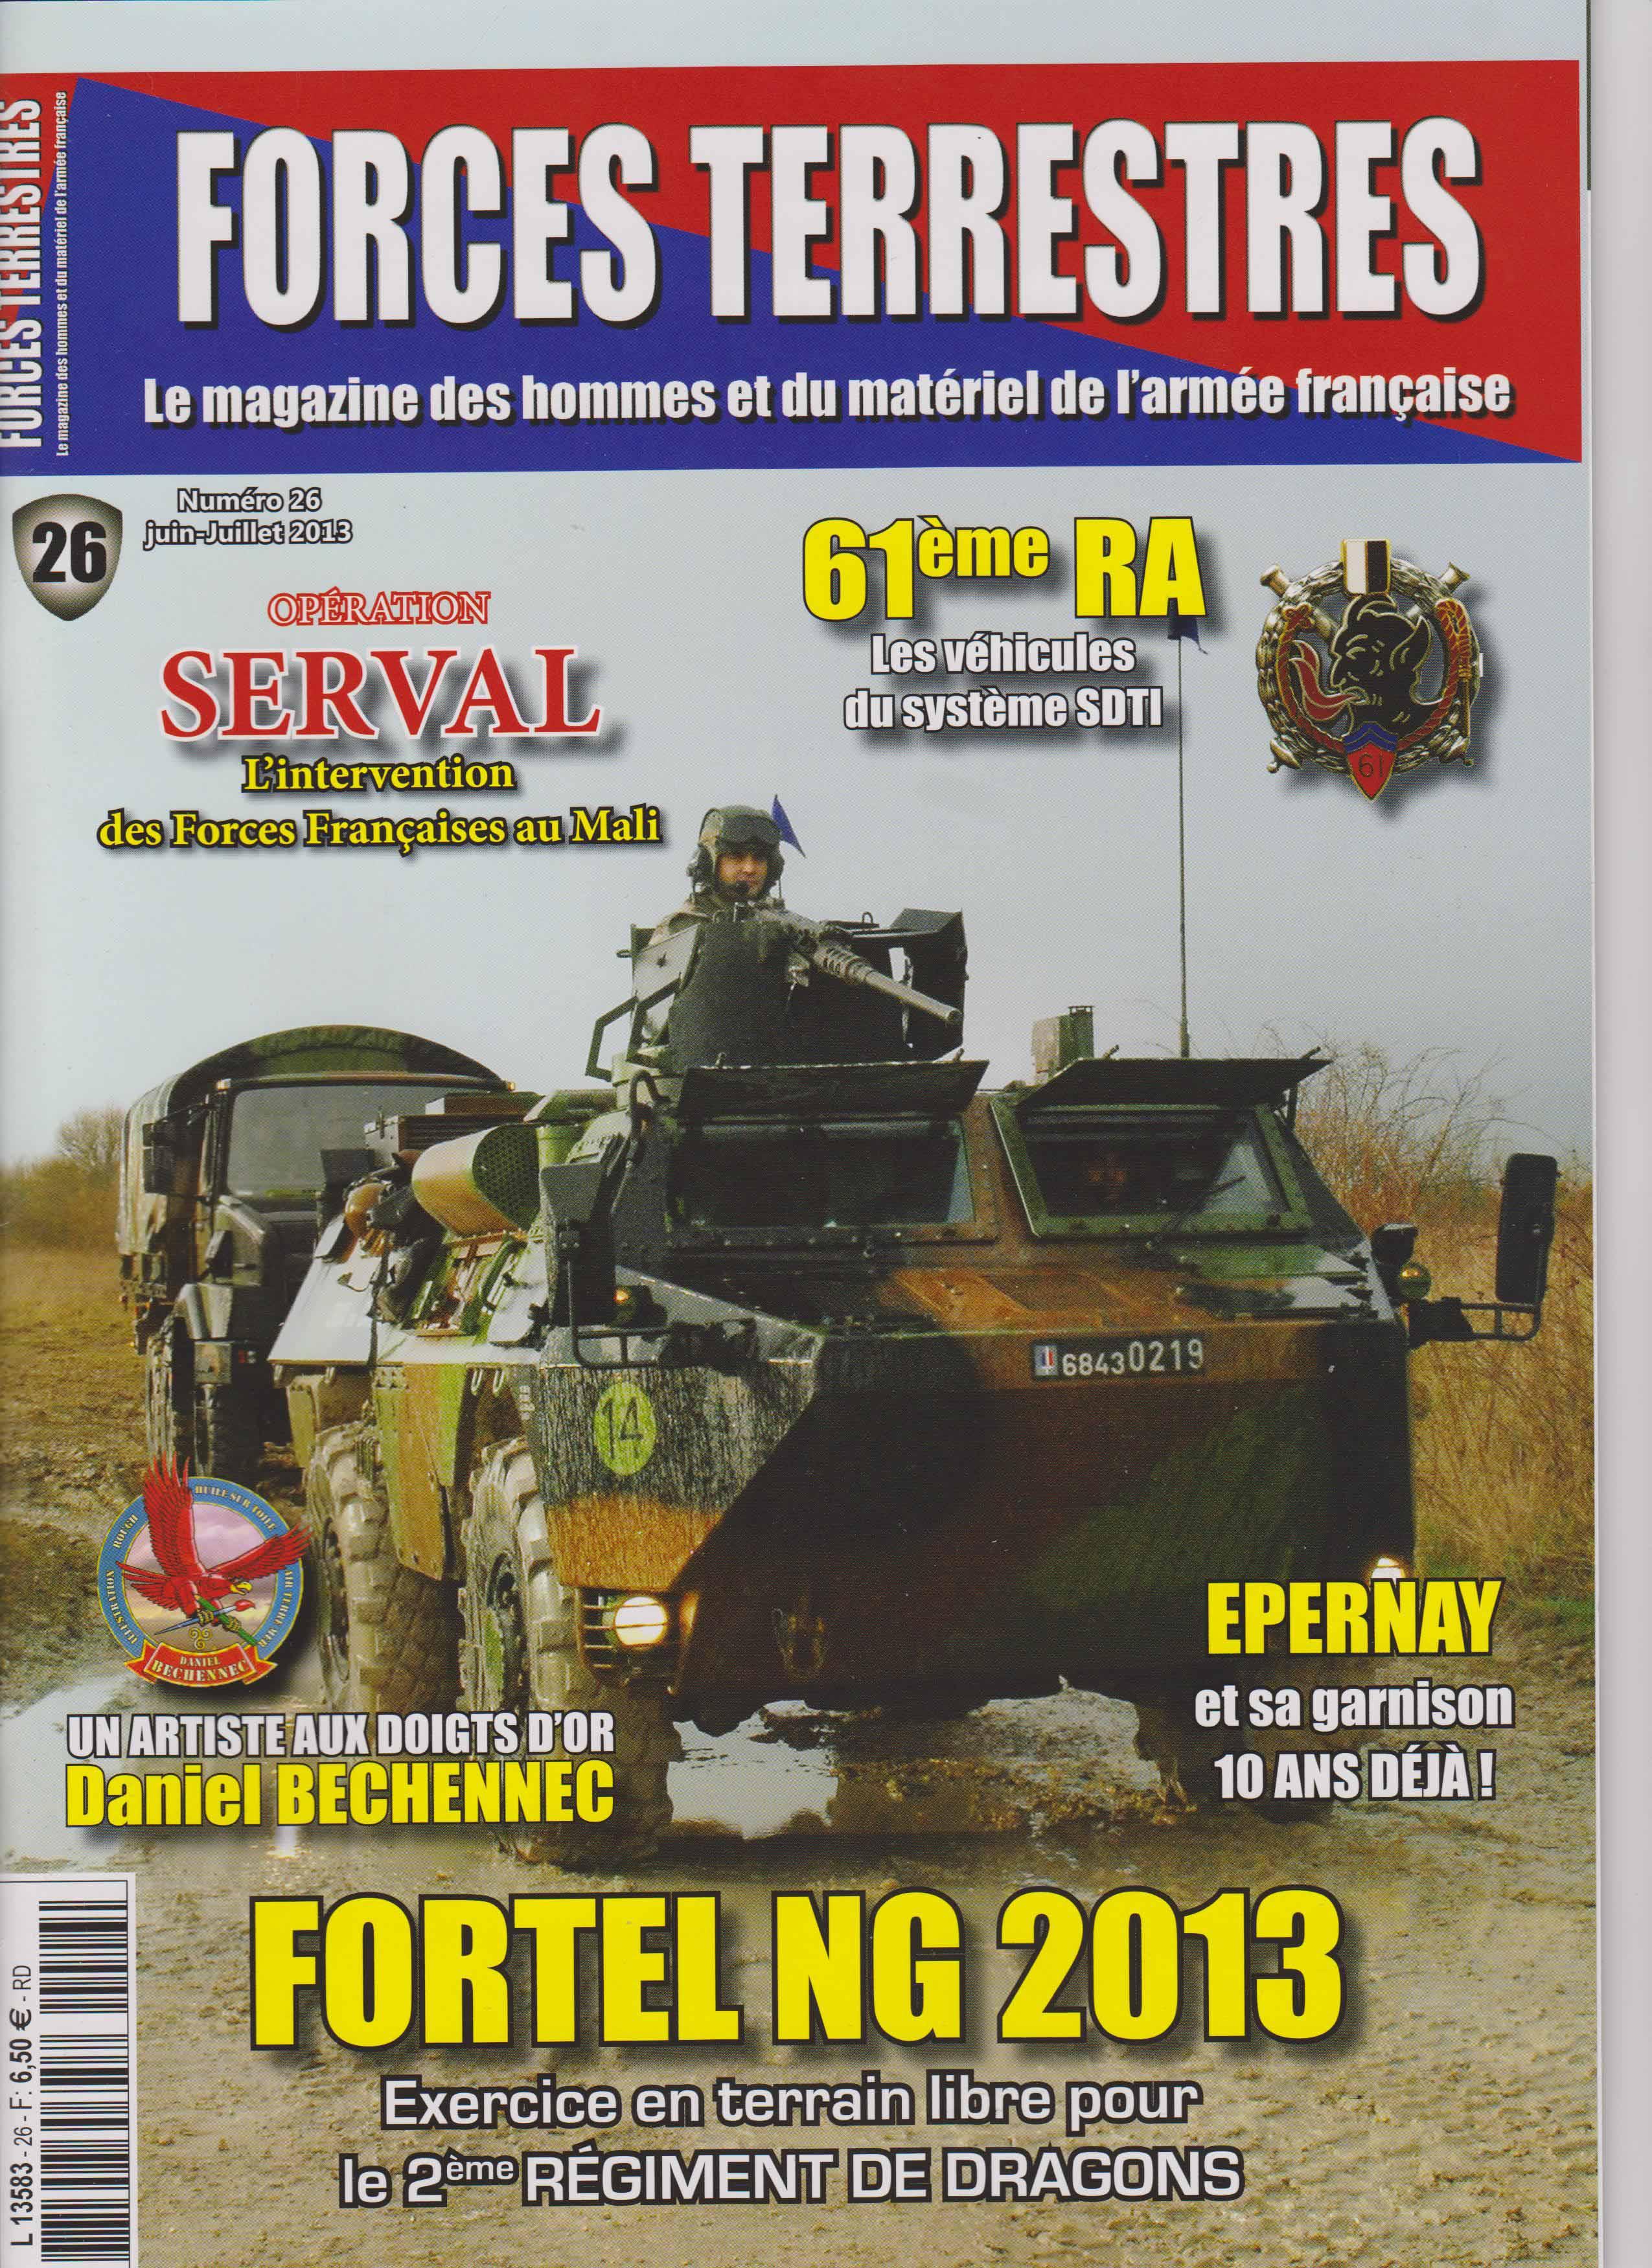 Forces Terrestres N°26 (Etranger)